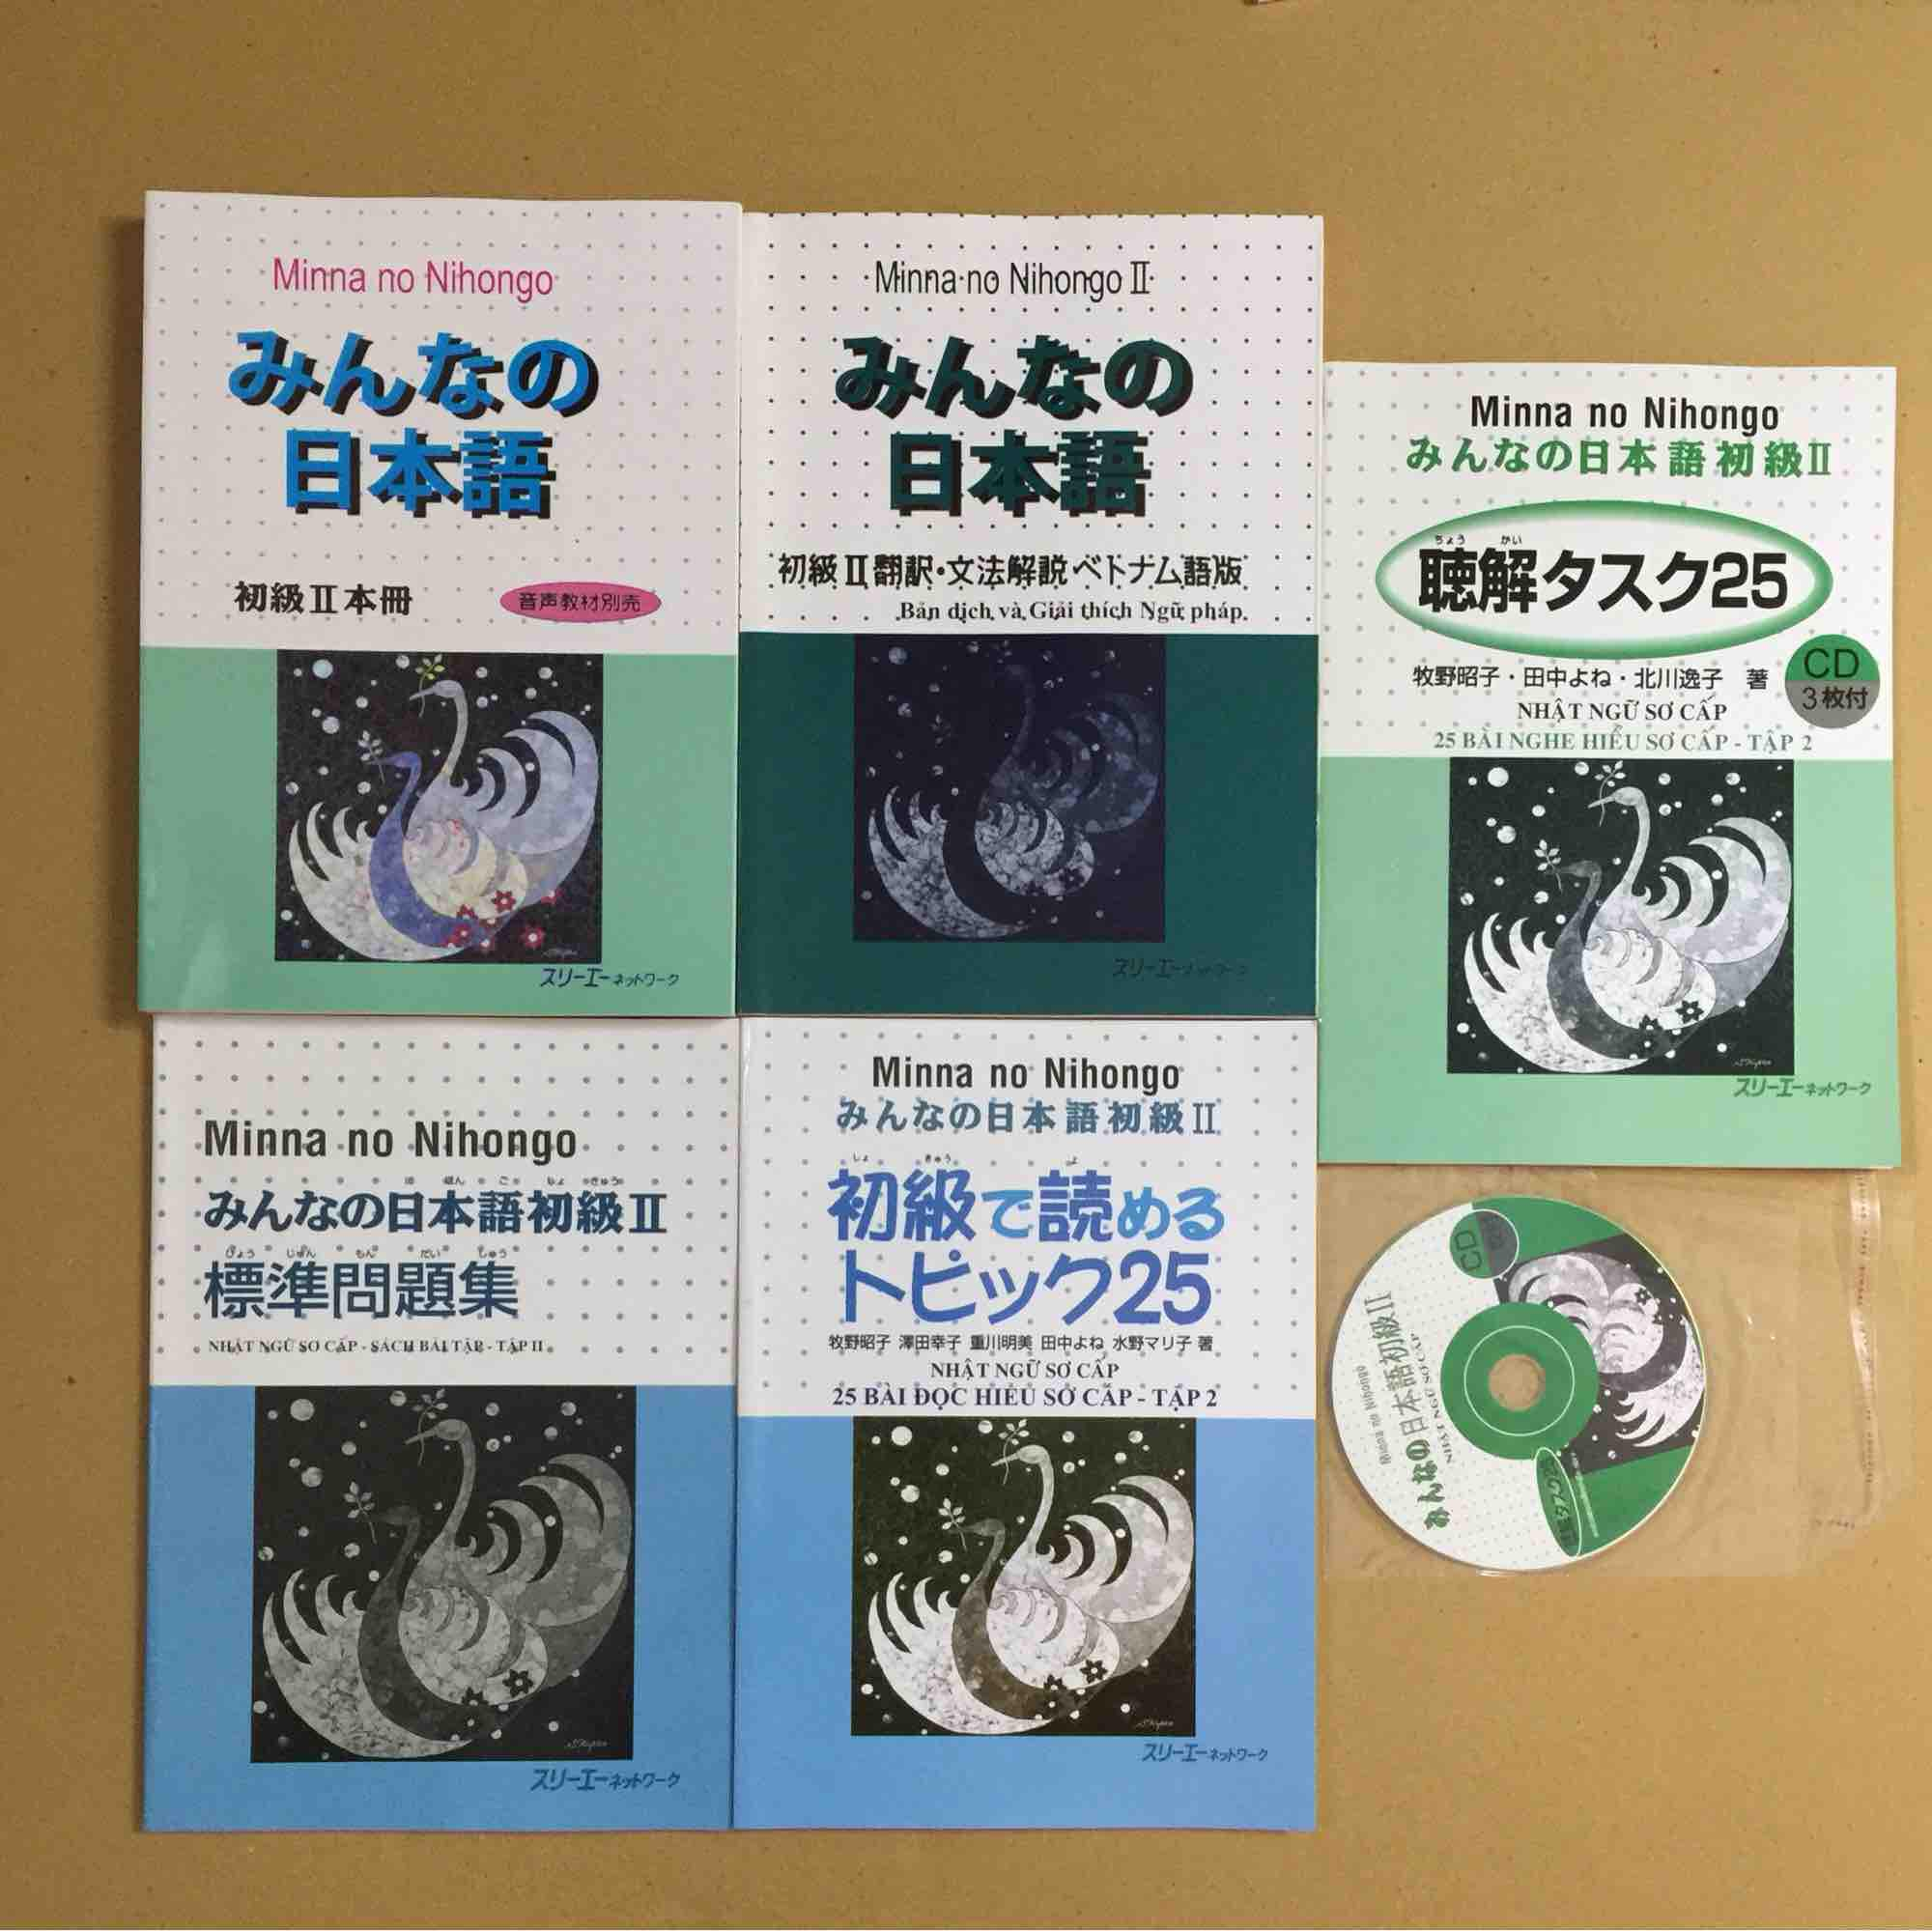 Chương Trình Ưu Đãi cho Combo Minna No Nihongo Tập 2 Bộ 5 Cuốn